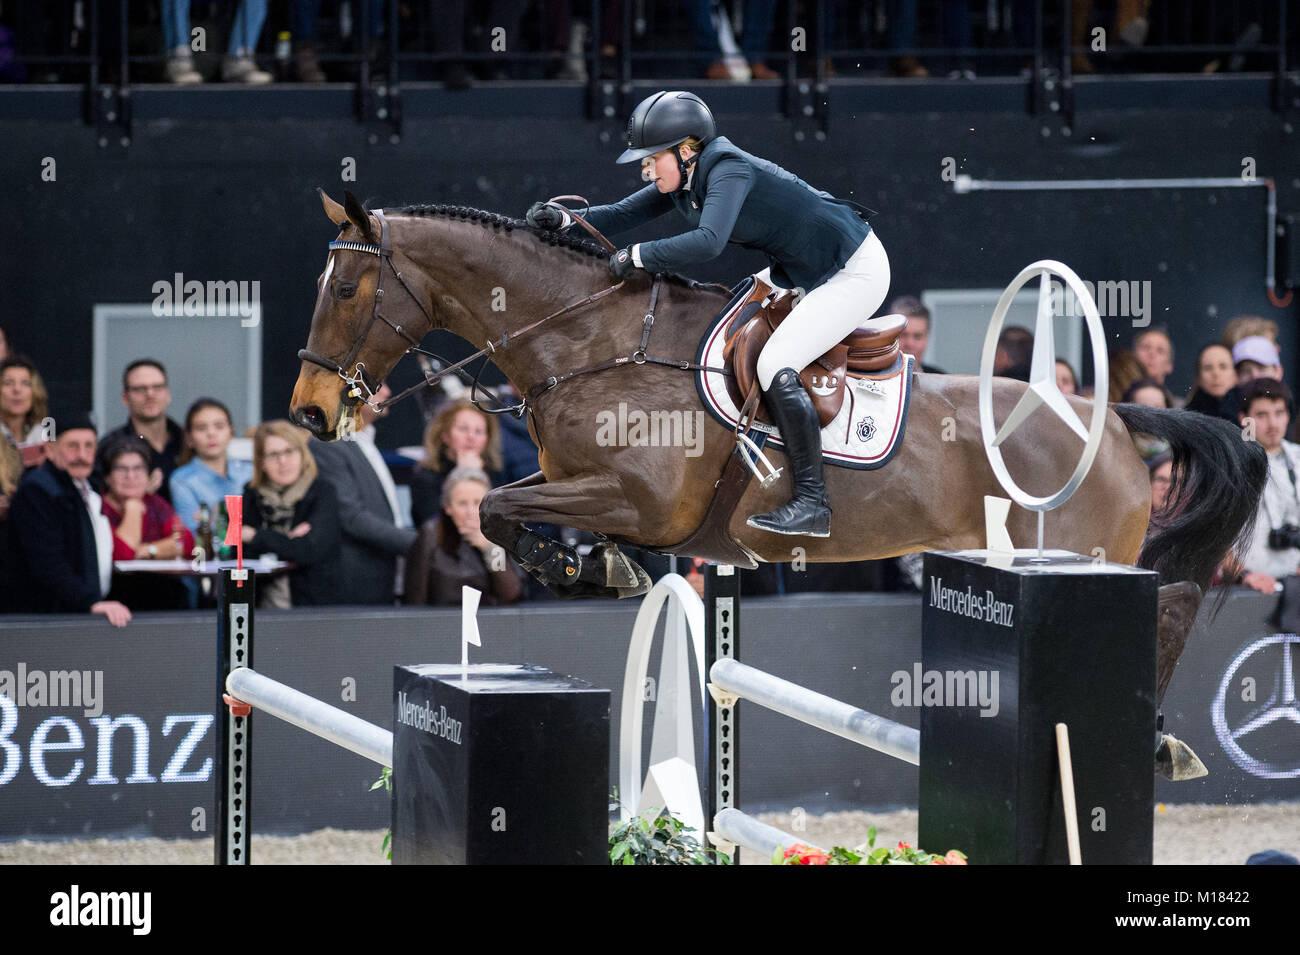 Zurich, Switzerland. 28th January 2018. Sport, Reitsport, Mercedes-Benz CSI Zurich - Mercedes-Benz Classic - LONGINES Stock Photo